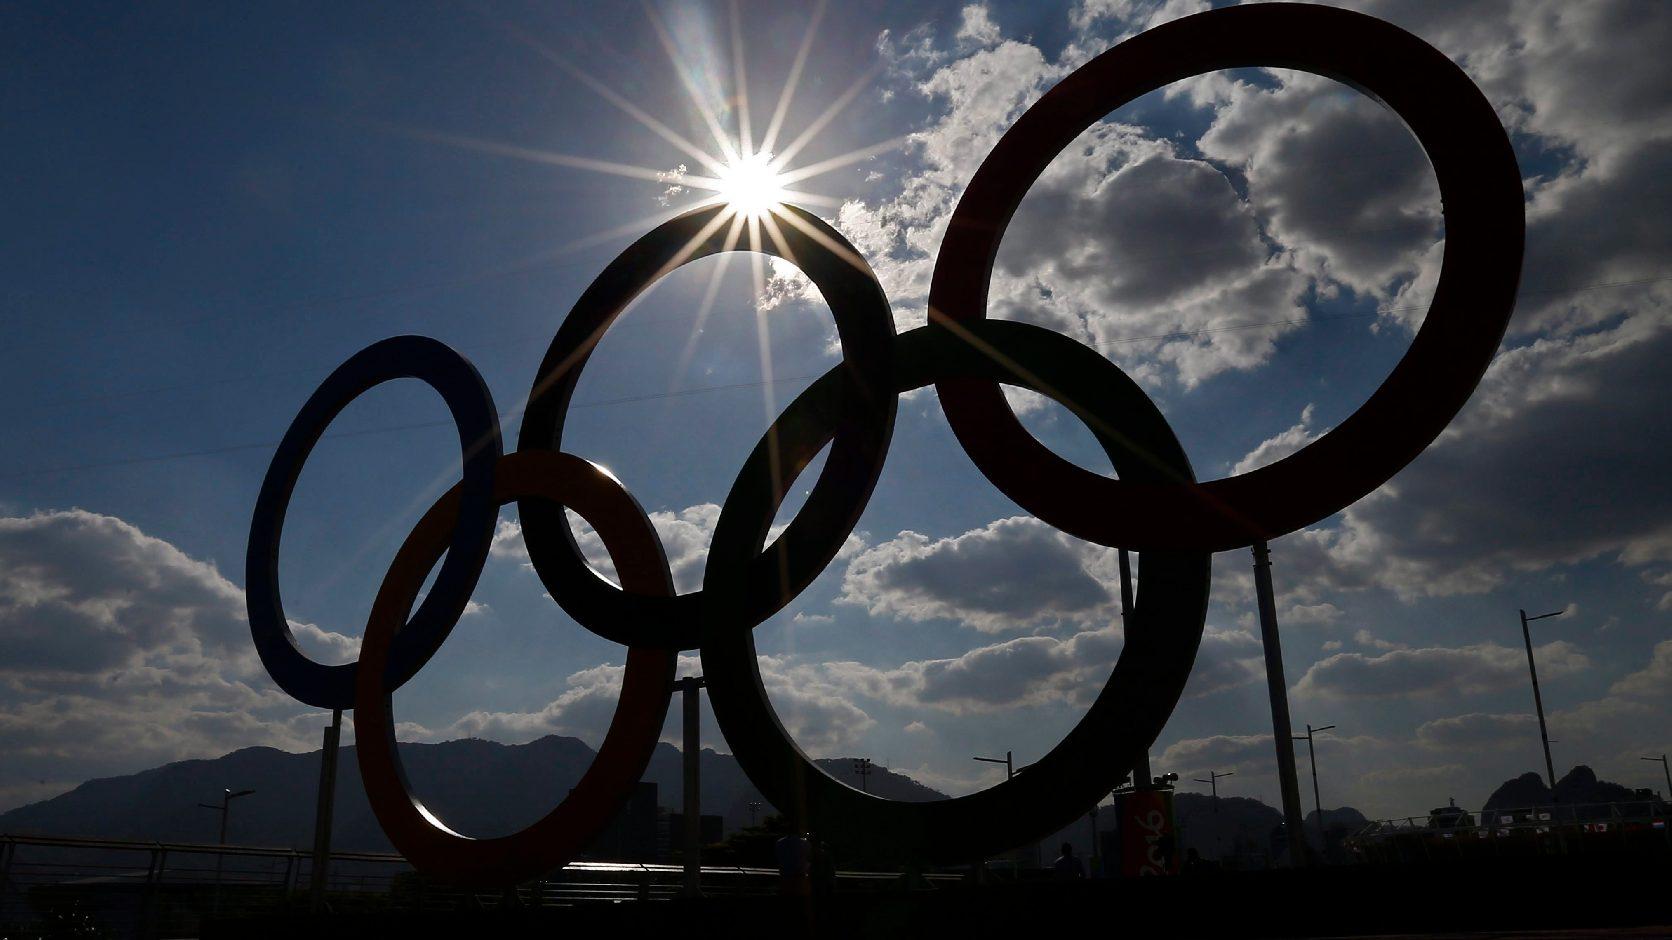 125 éves a Magyar Olimpiai Bizottság – Mazsike – MAGYAR ZSIDÓ KULTURÁLIS EGYESÜLET